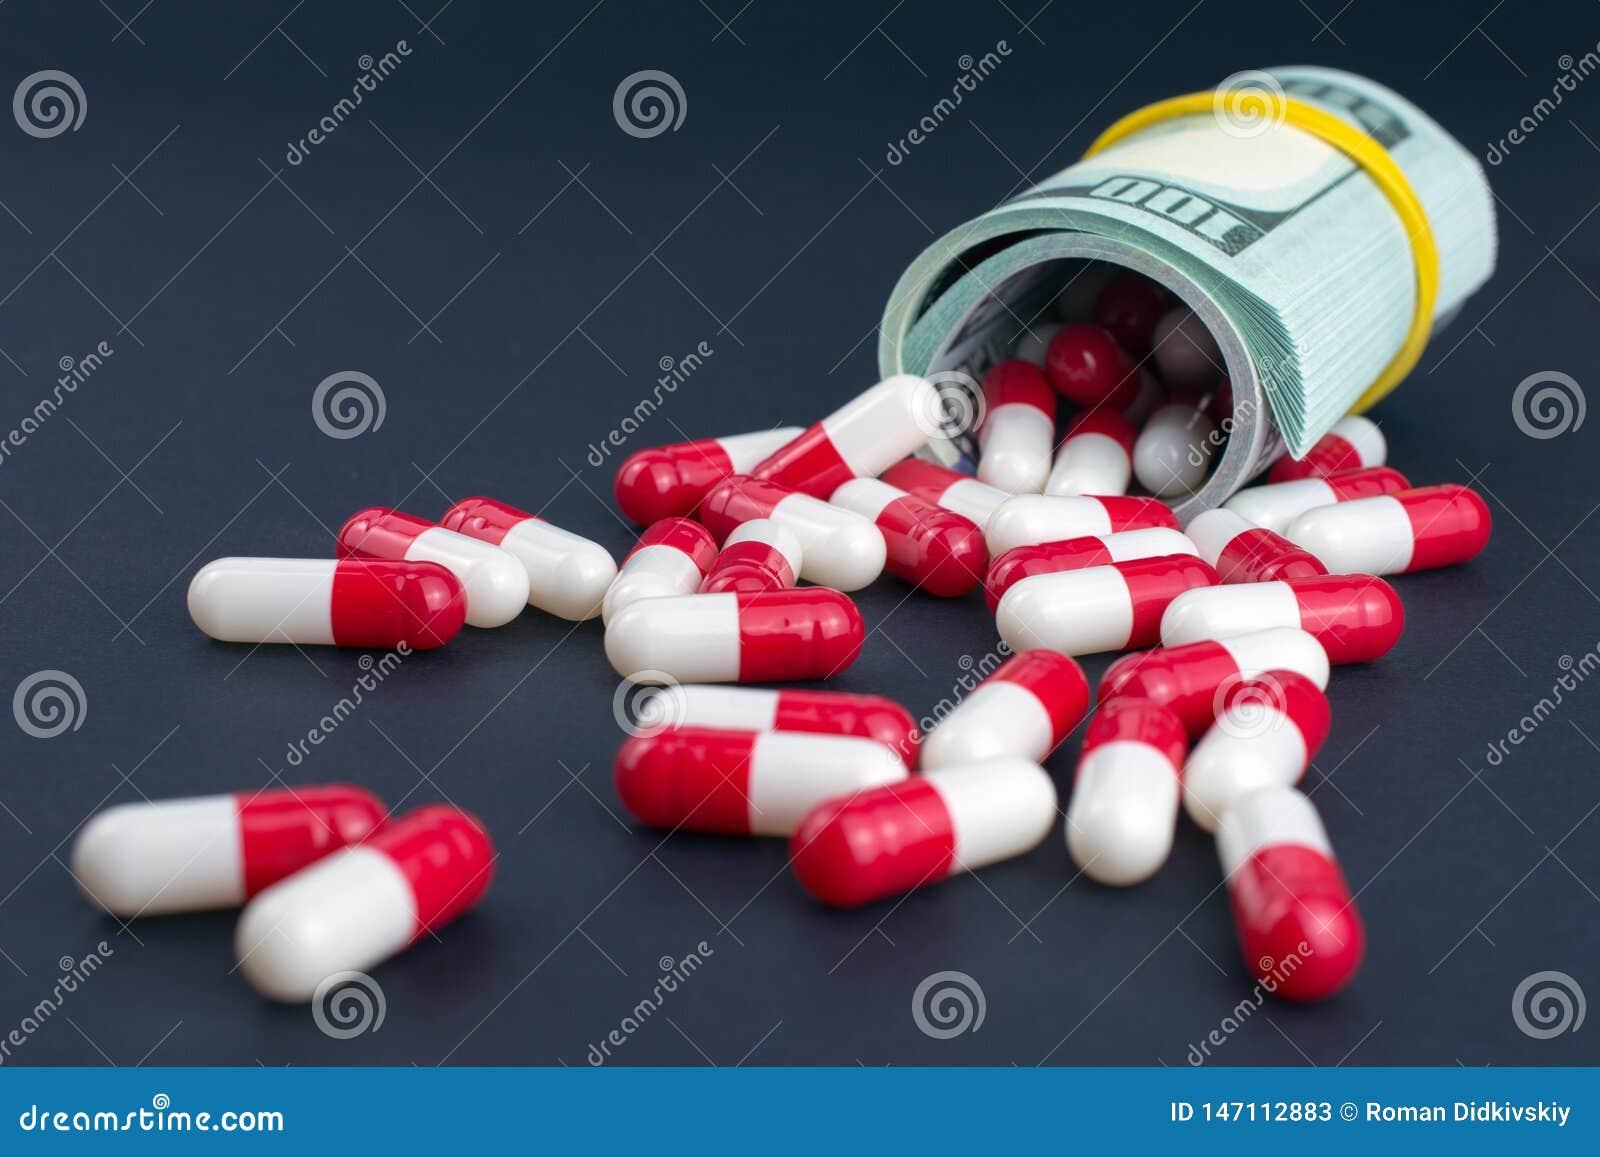 La industria farmacéutica consigue alta en beneficios gordos